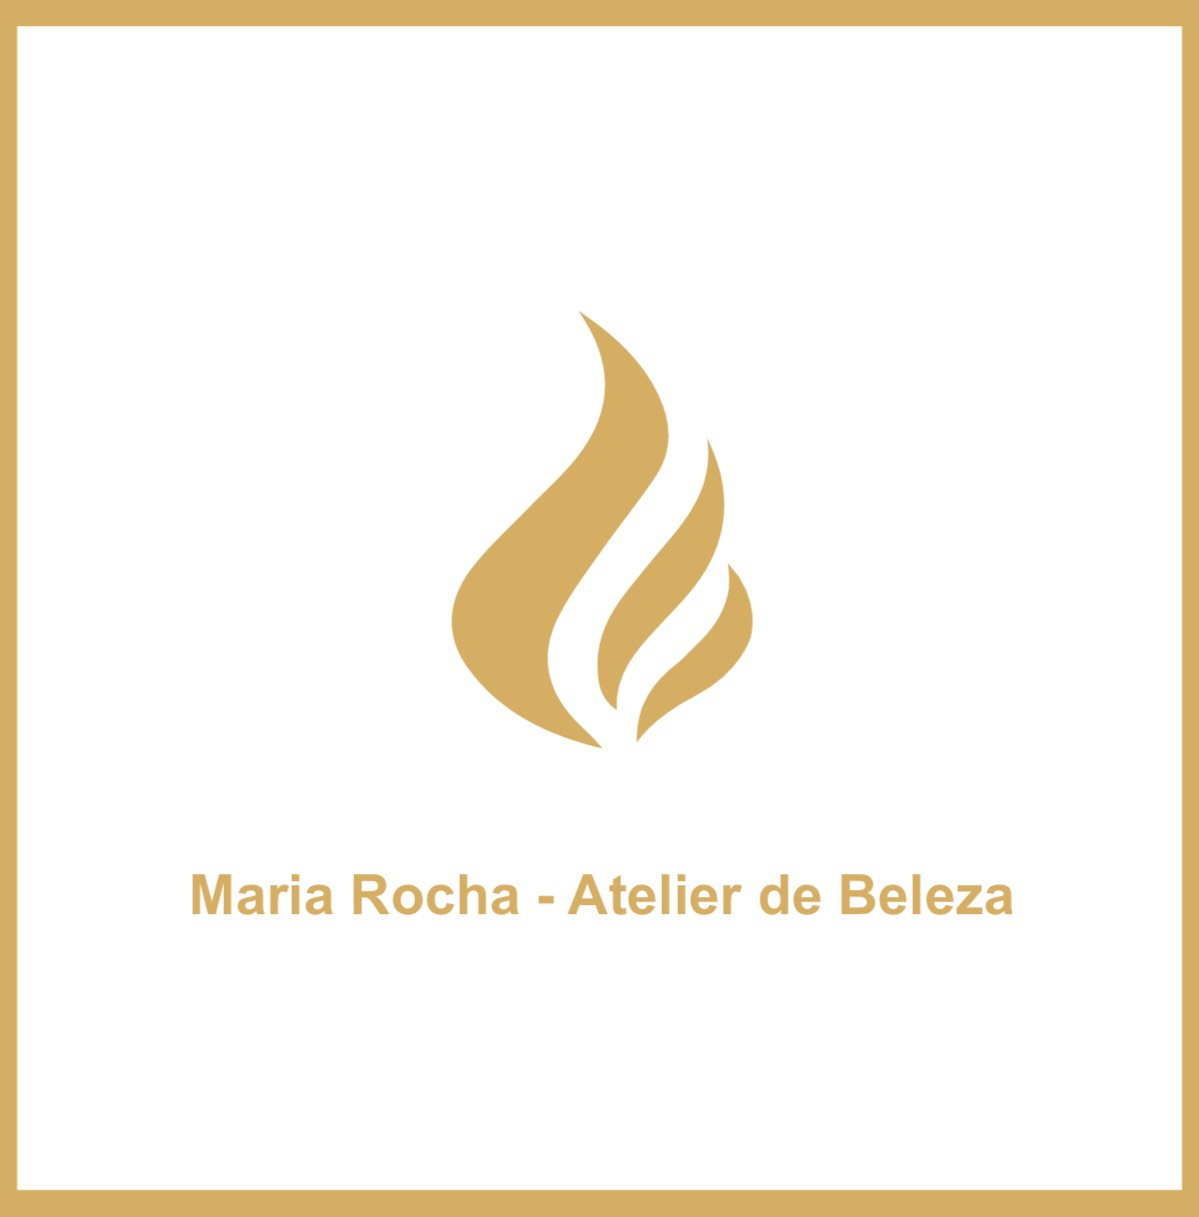 Salão de Beleza Maria Rocha – Ateleir de Beleza